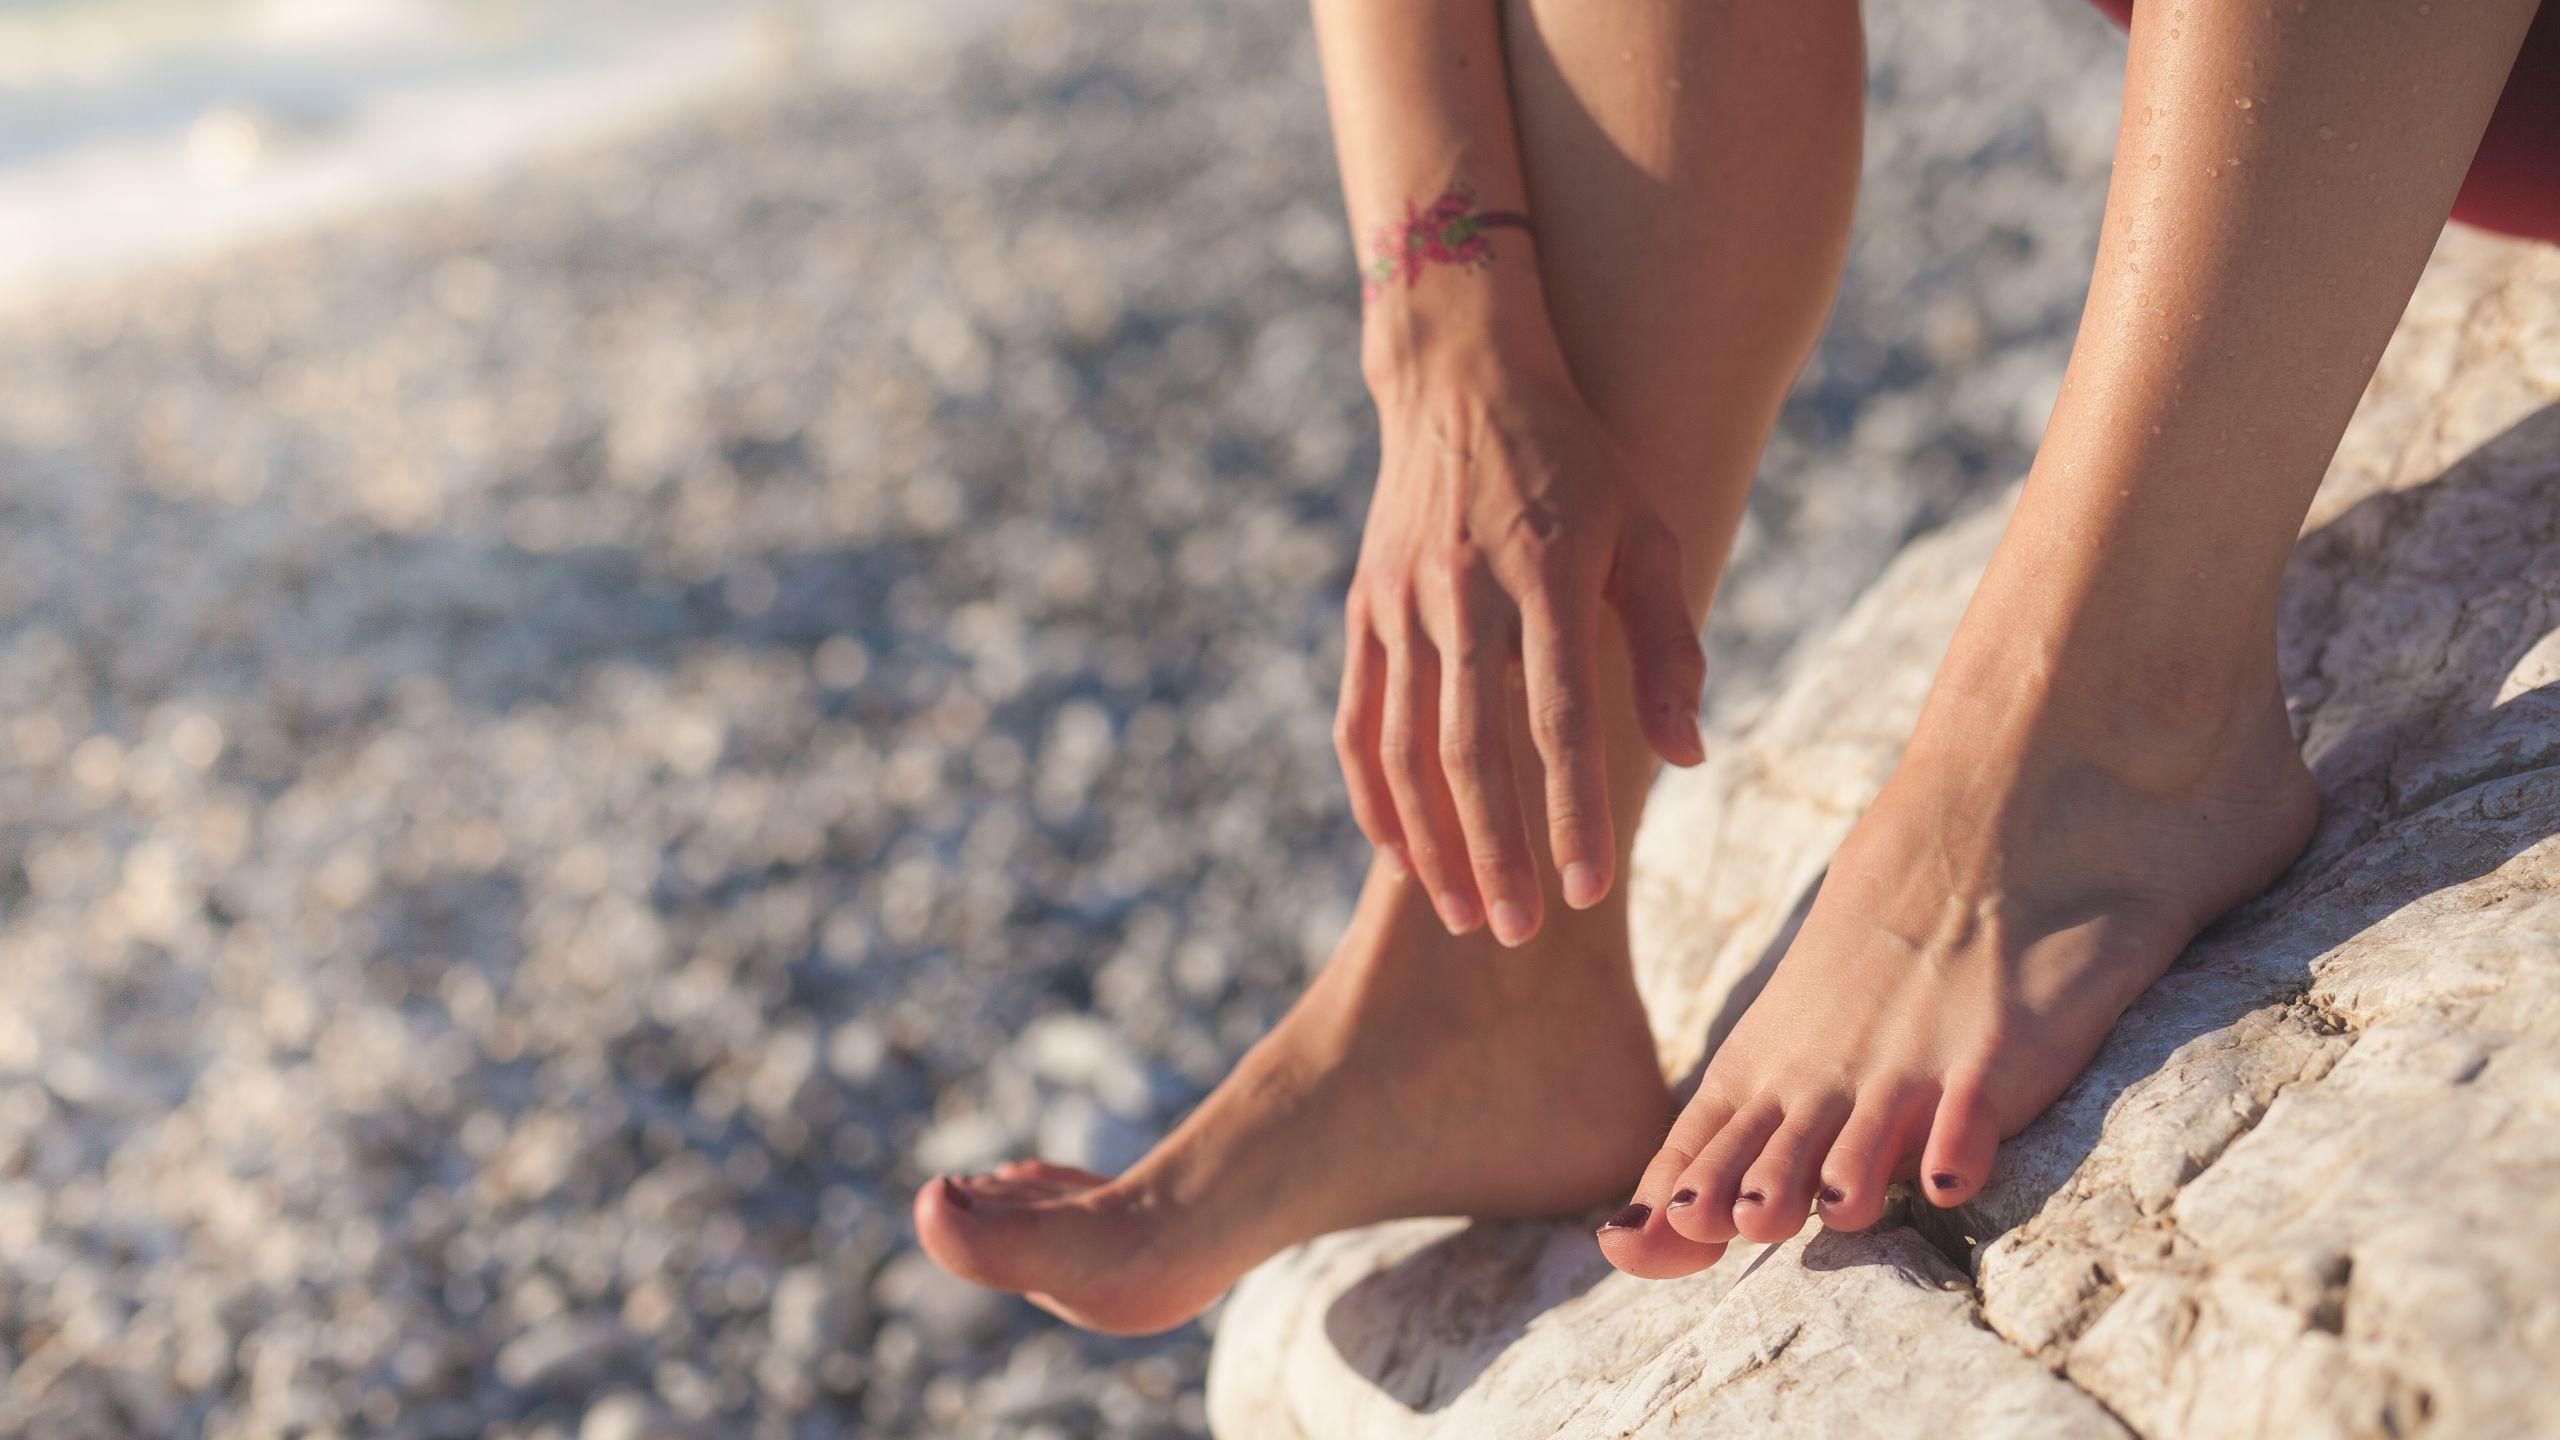 Hvorfor får vi ømme fødder?